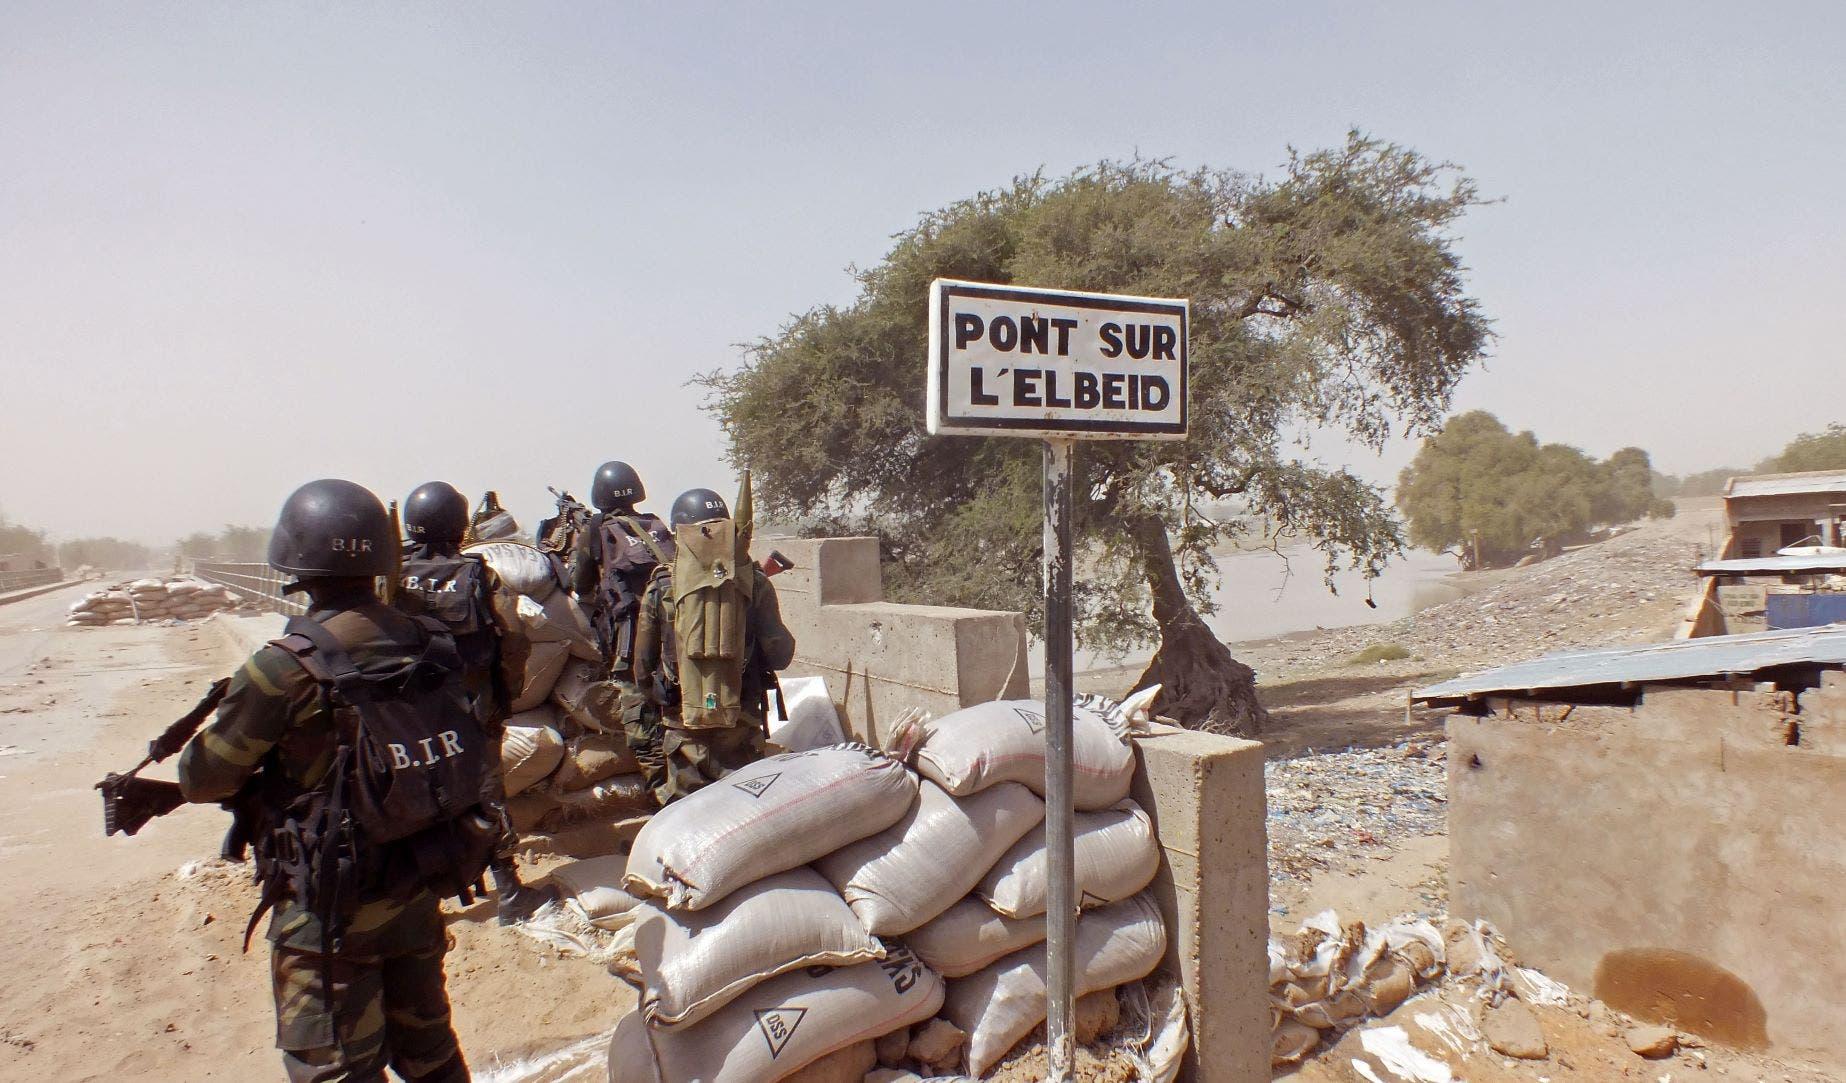 قوات كاميرونية في حملة ضد داعش(اسوشيتد برس)